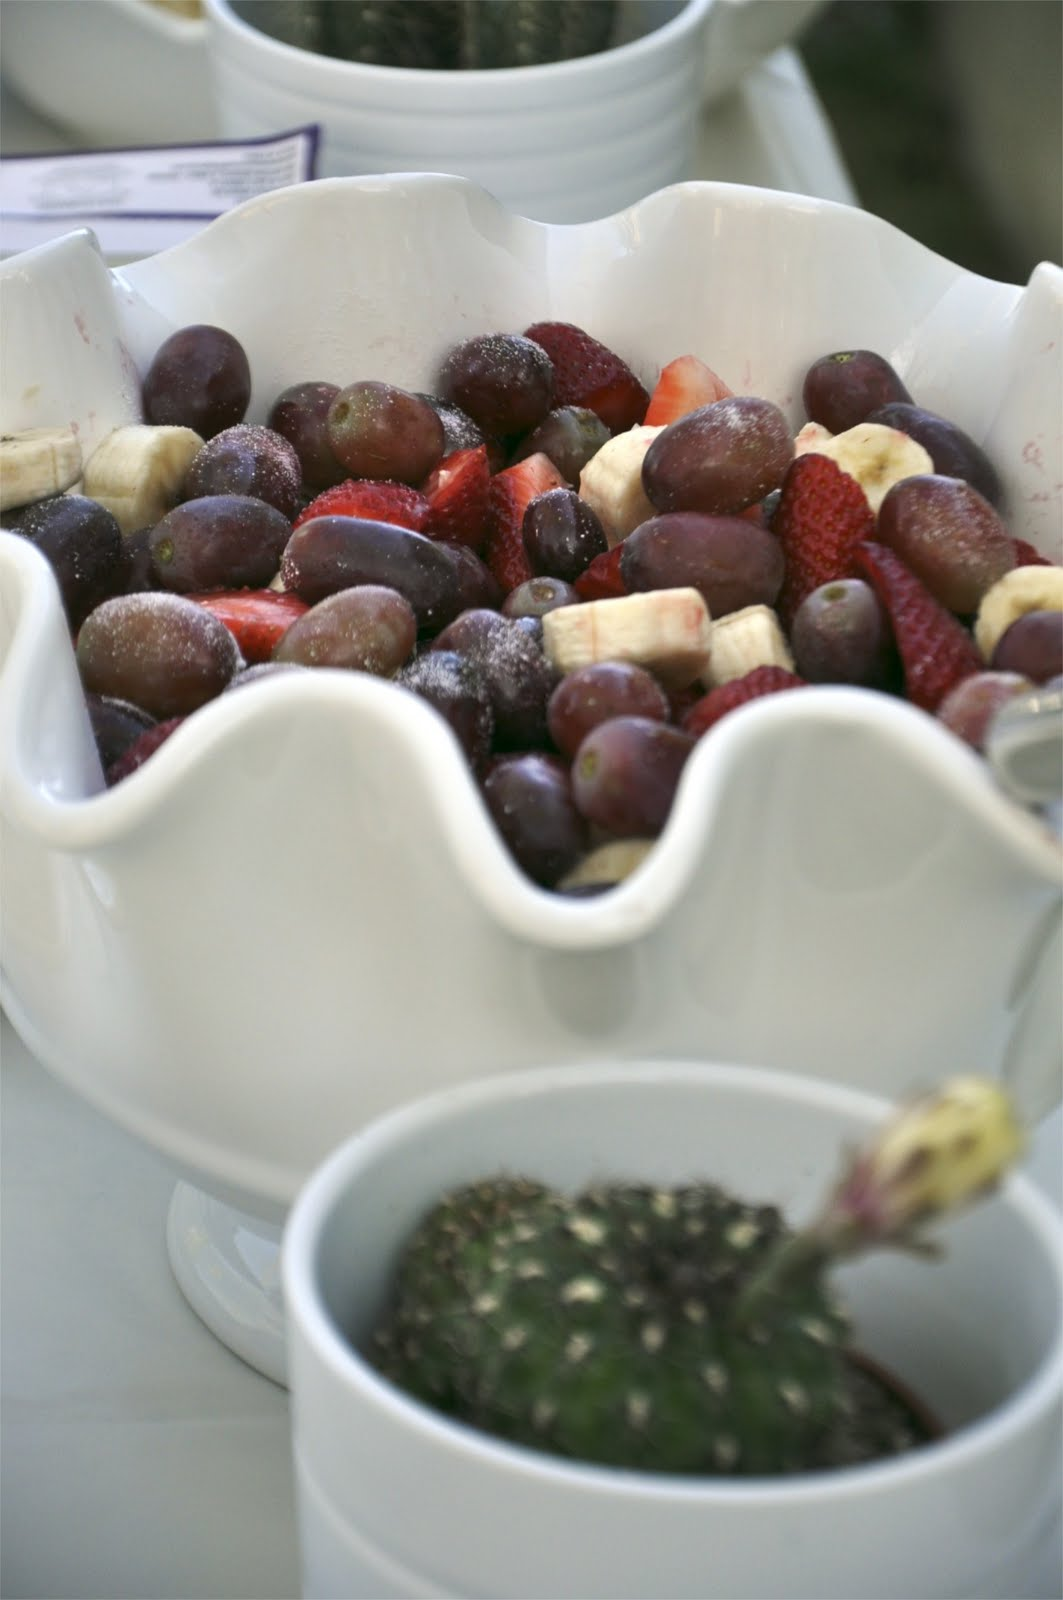 fruit salad yummy yummy